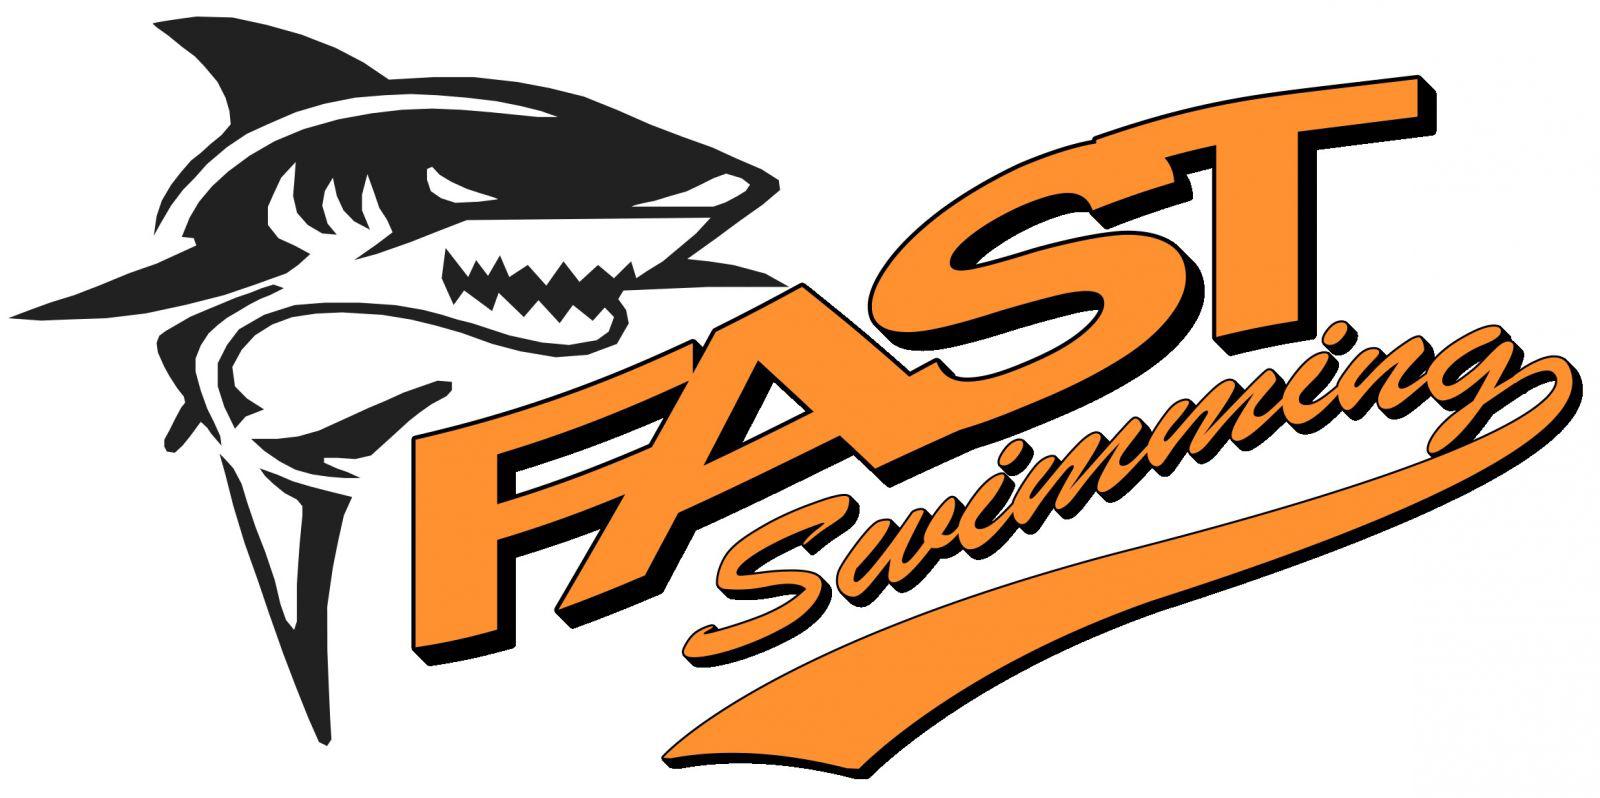 Fast Tiger Sharks